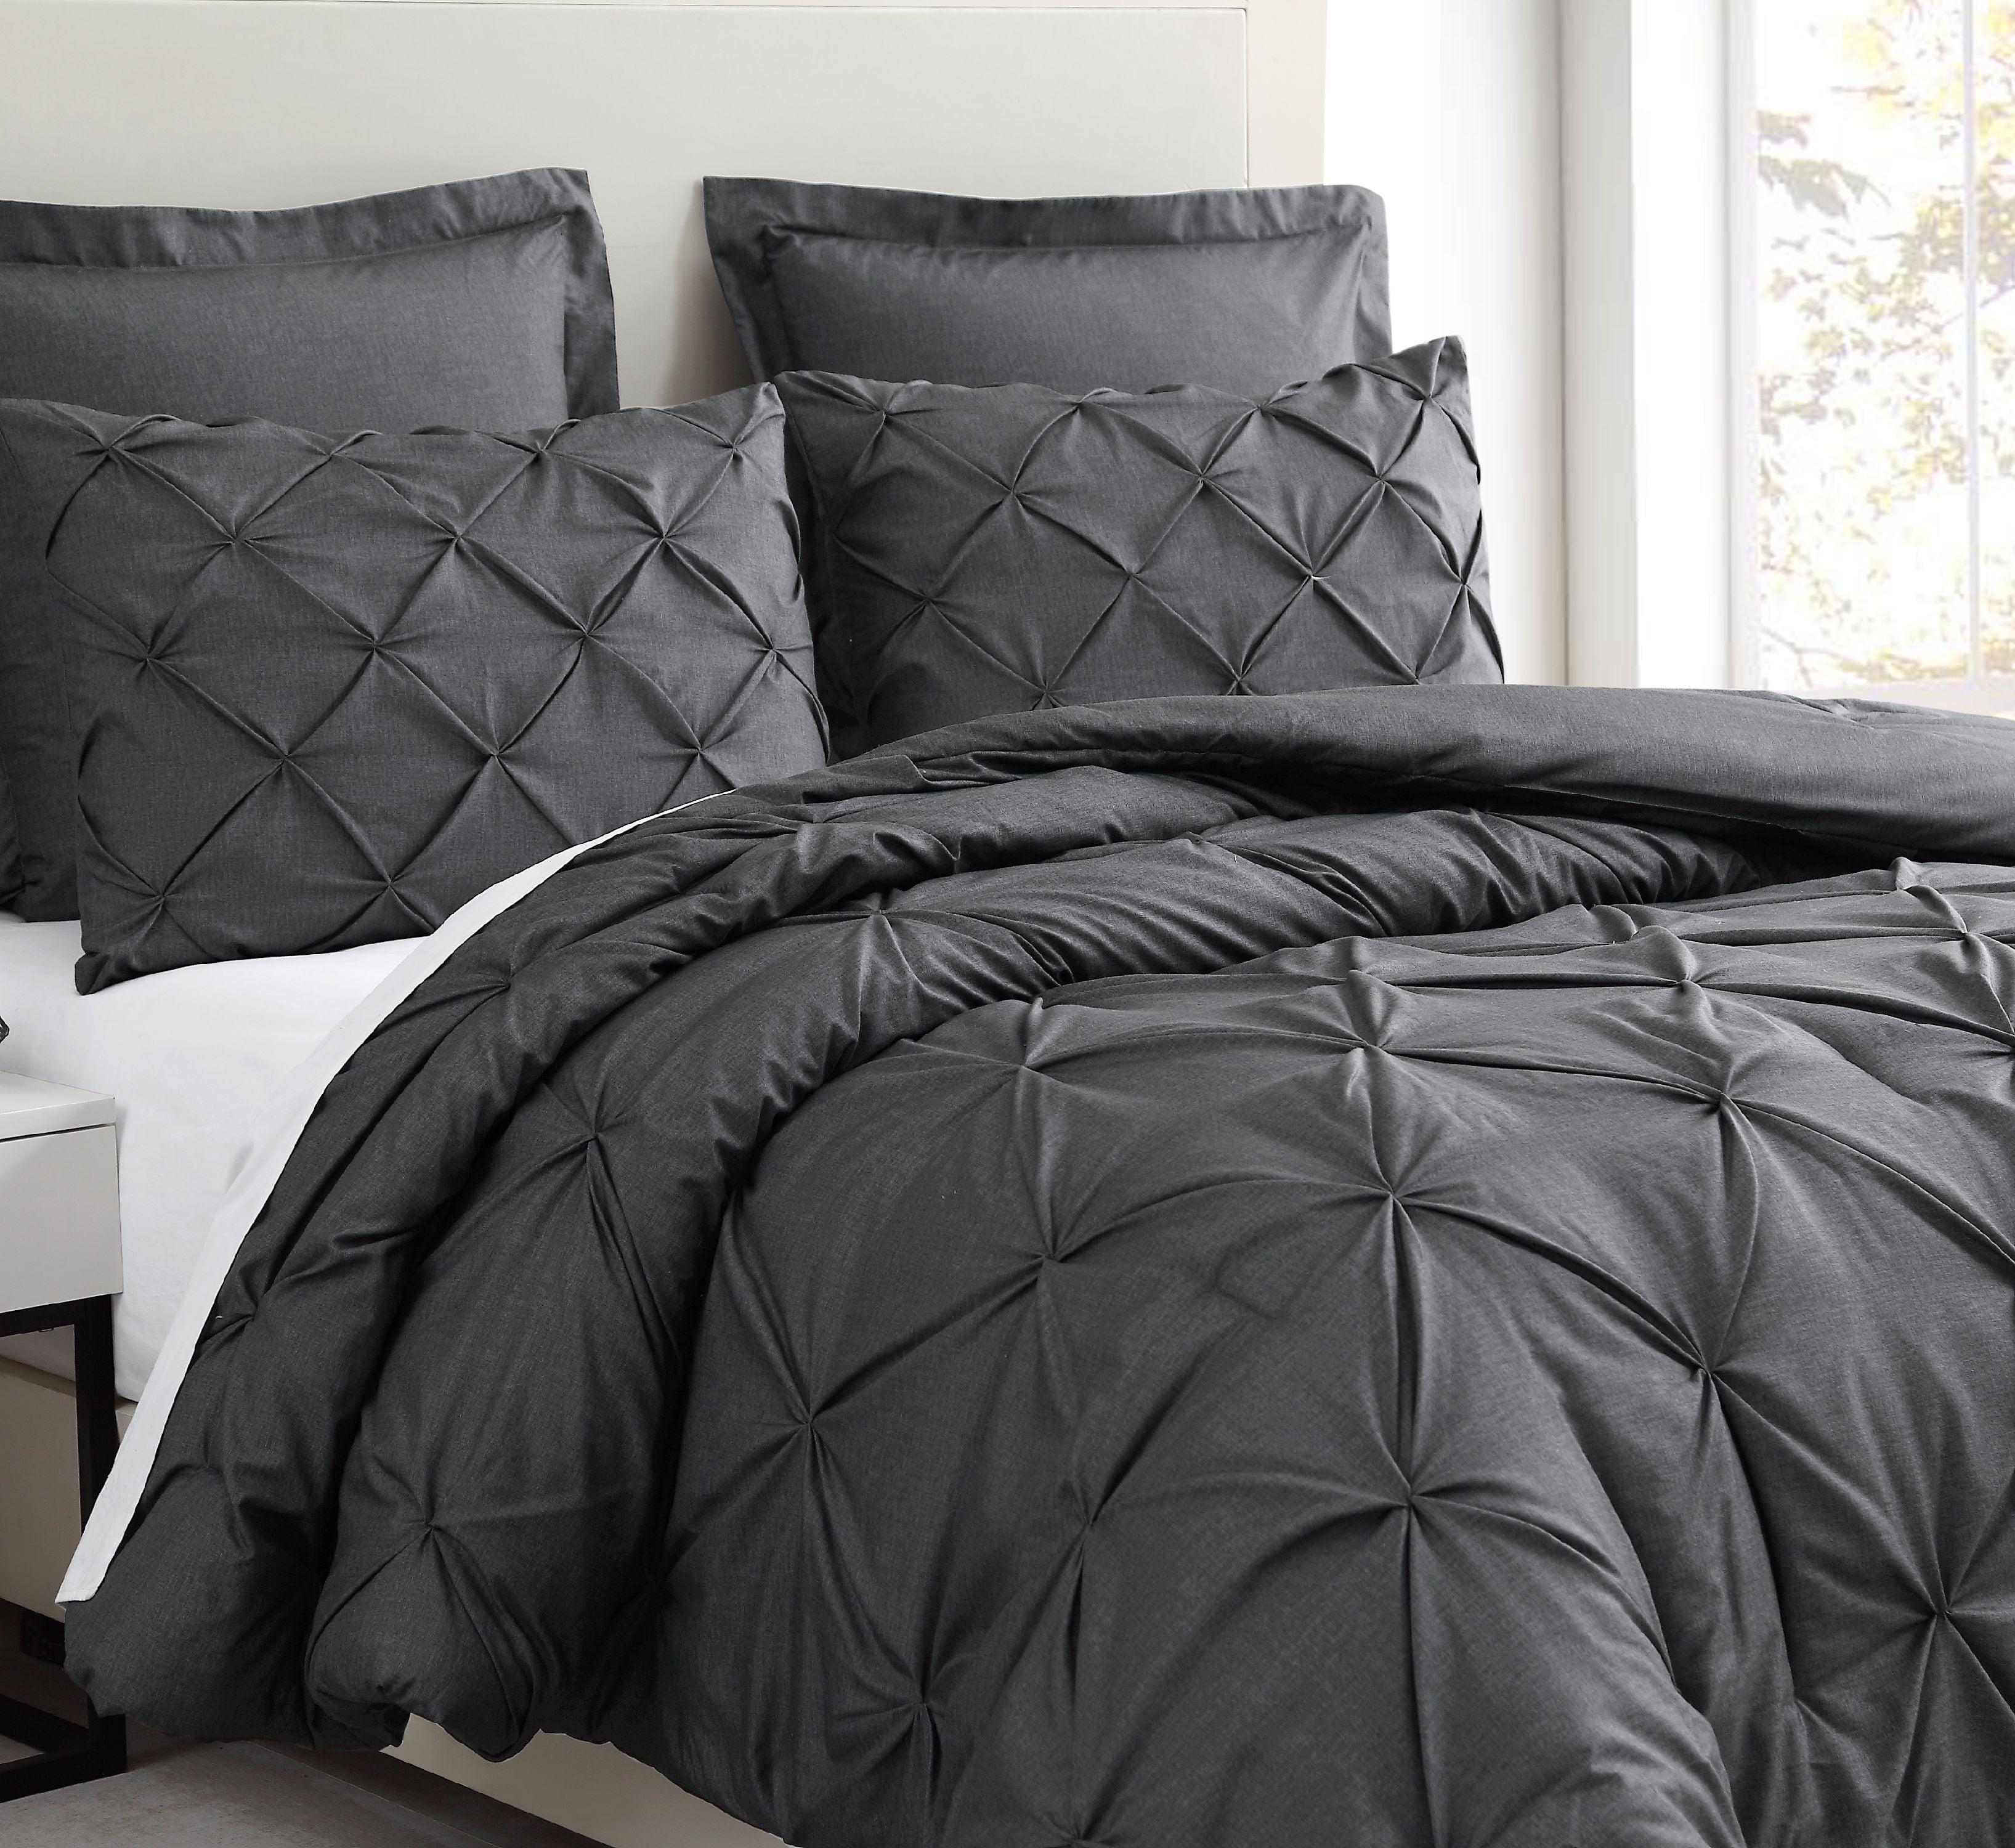 Estellar 3pc Charcoal Grey Comforter Set King/Cal King Size Pinch